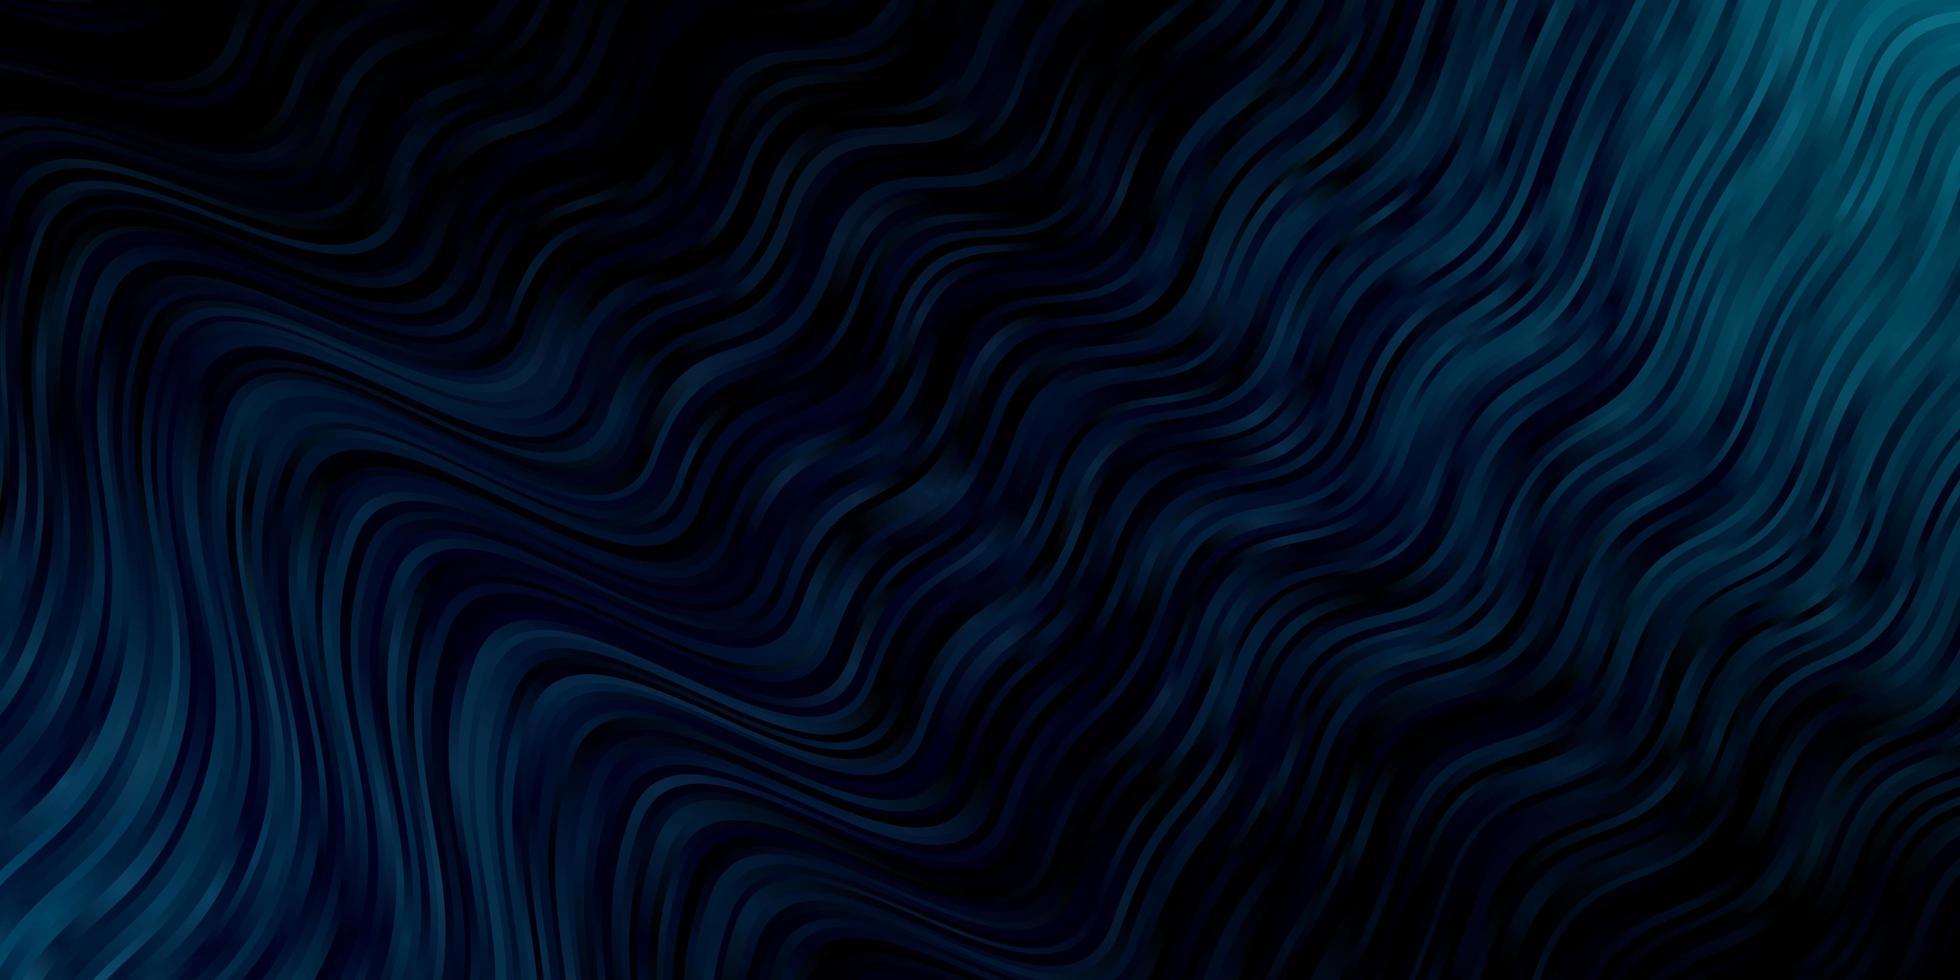 textura azul oscuro con curvas. vector